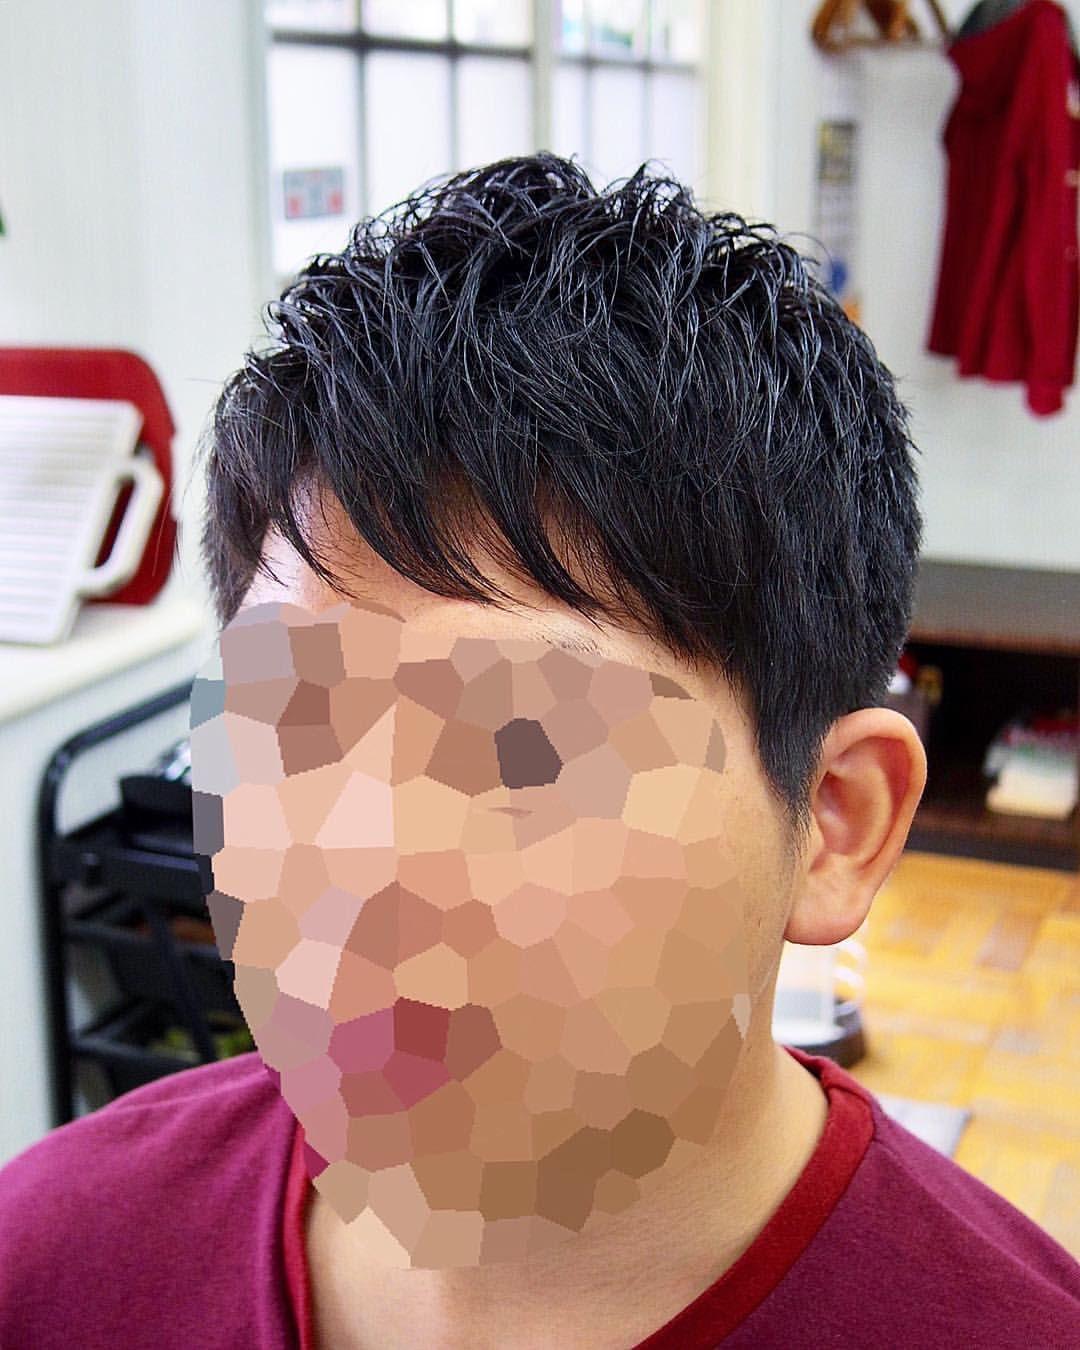 Yuichi Tashiro さんはinstagramを利用しています お客様ヘアスタイルのご紹介です スタイリング Wax 耳は